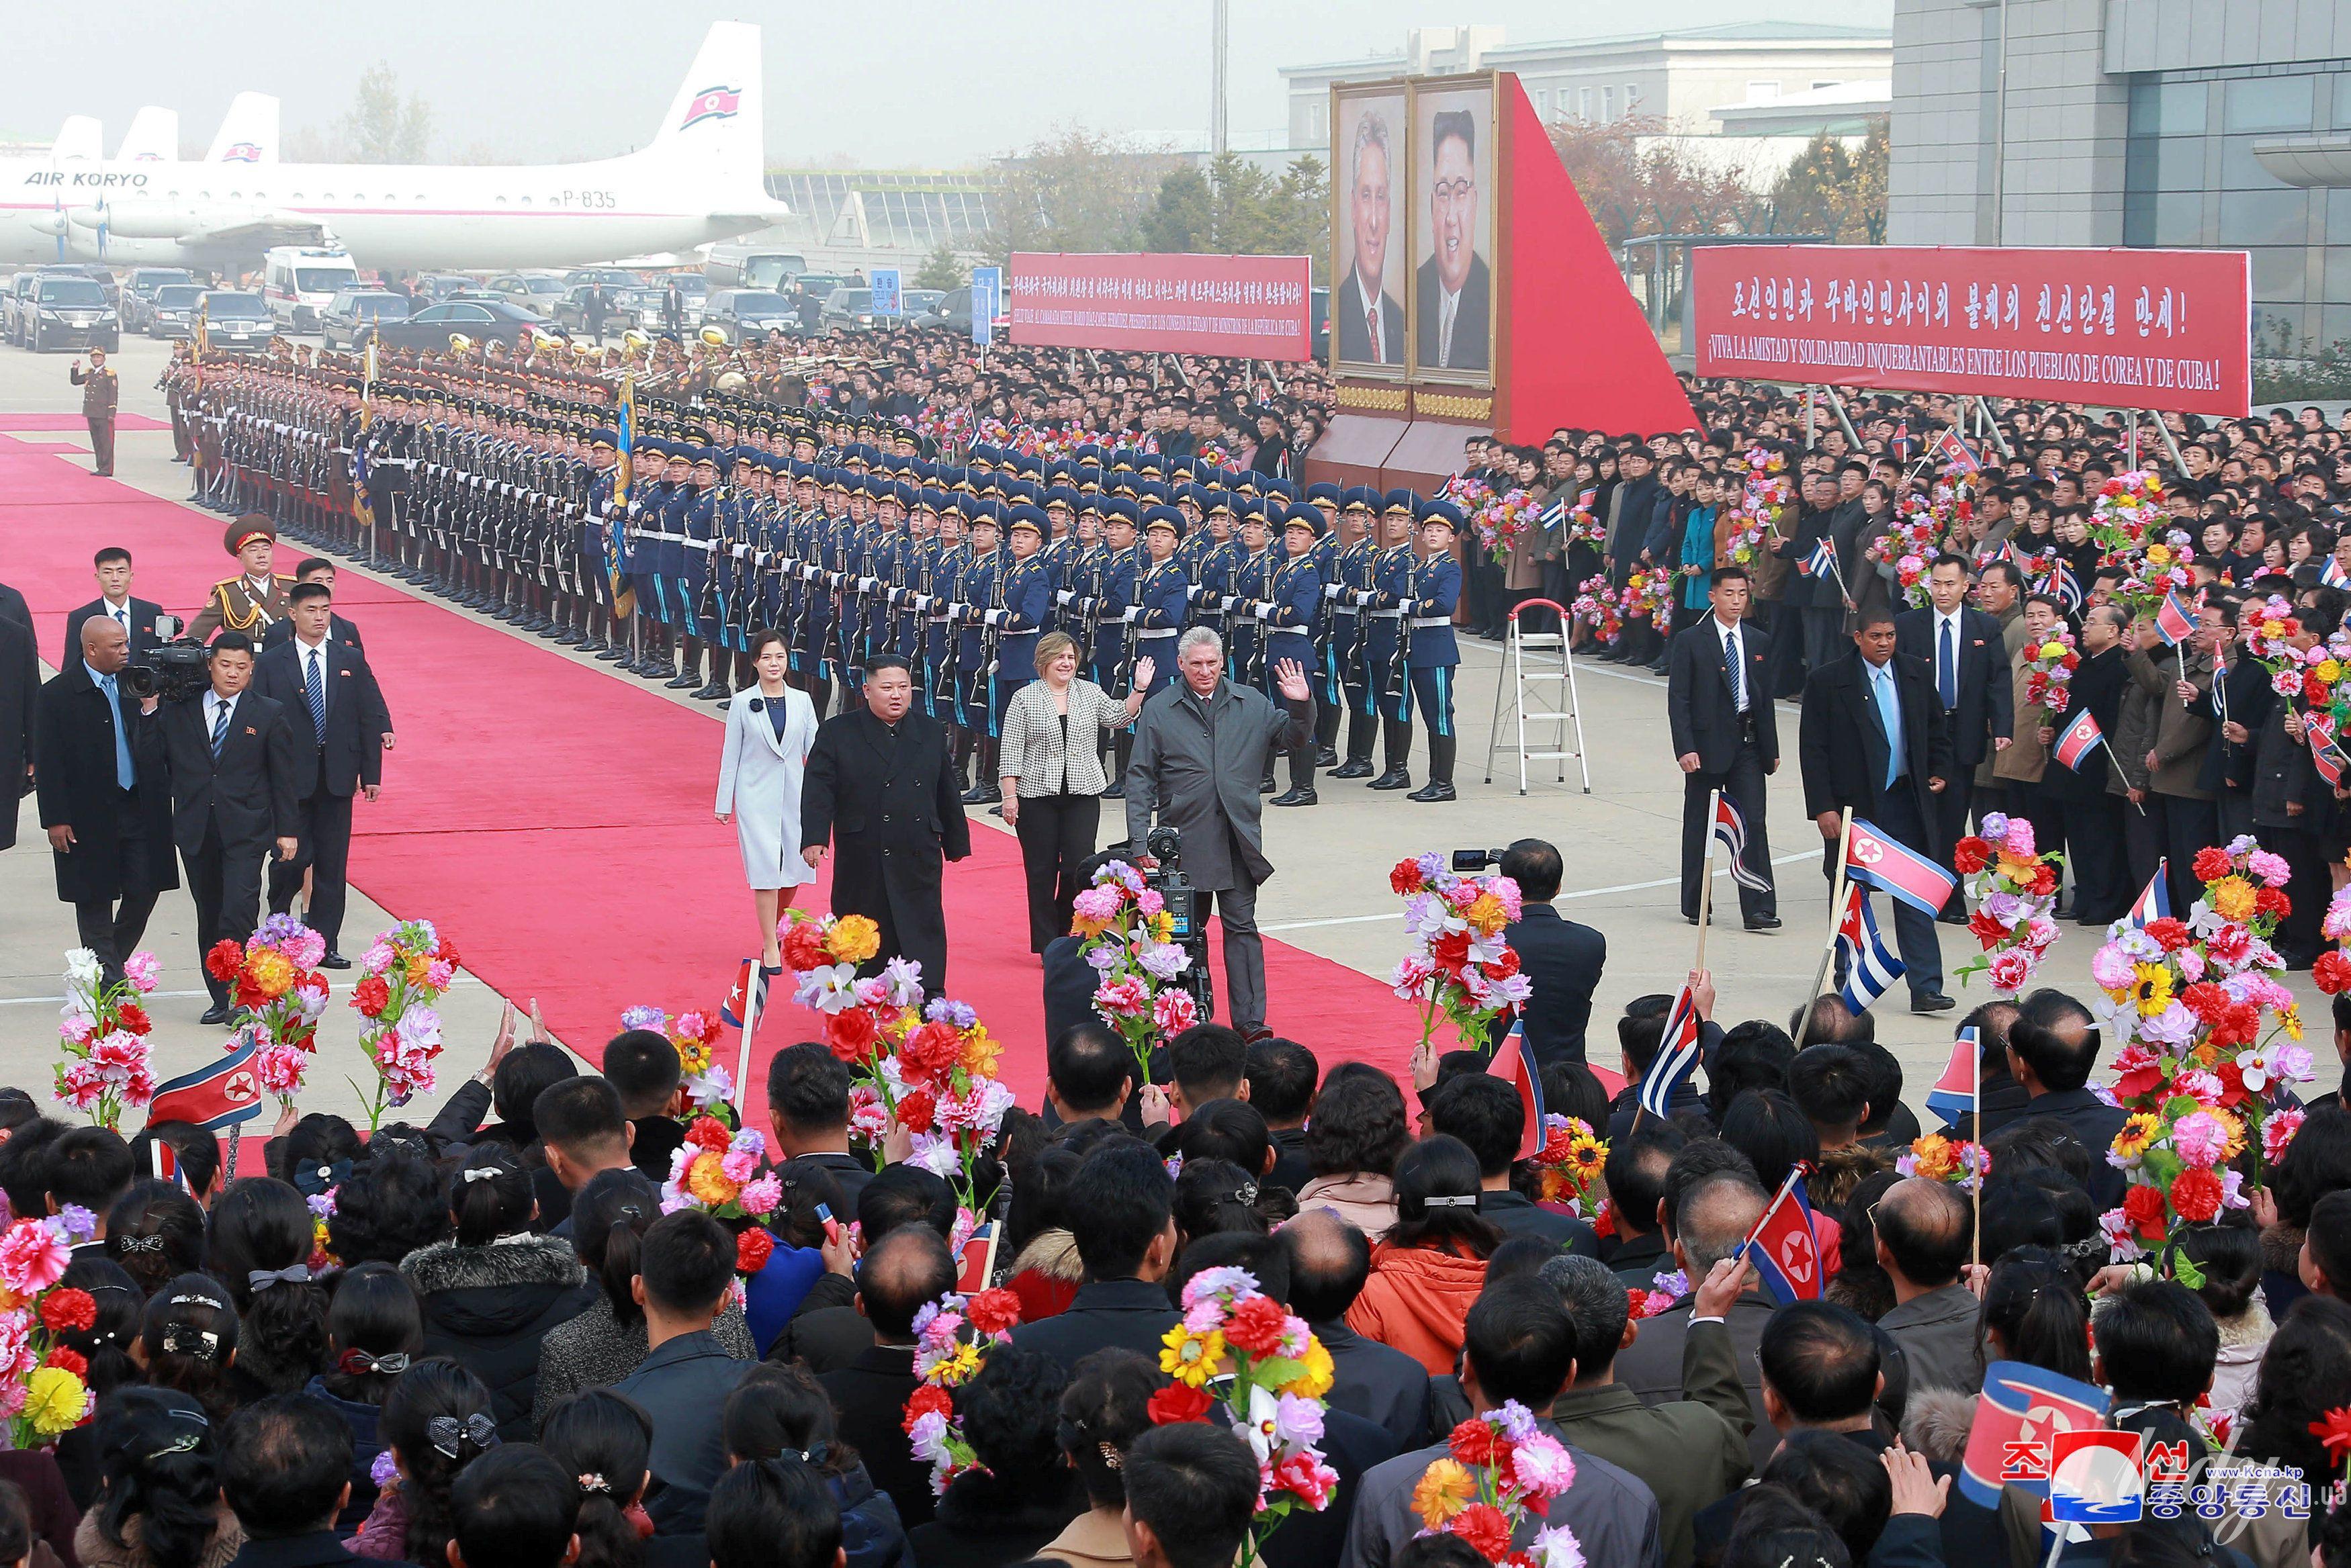 Президент Кубы с женой и лидер КНДР с супругой_2